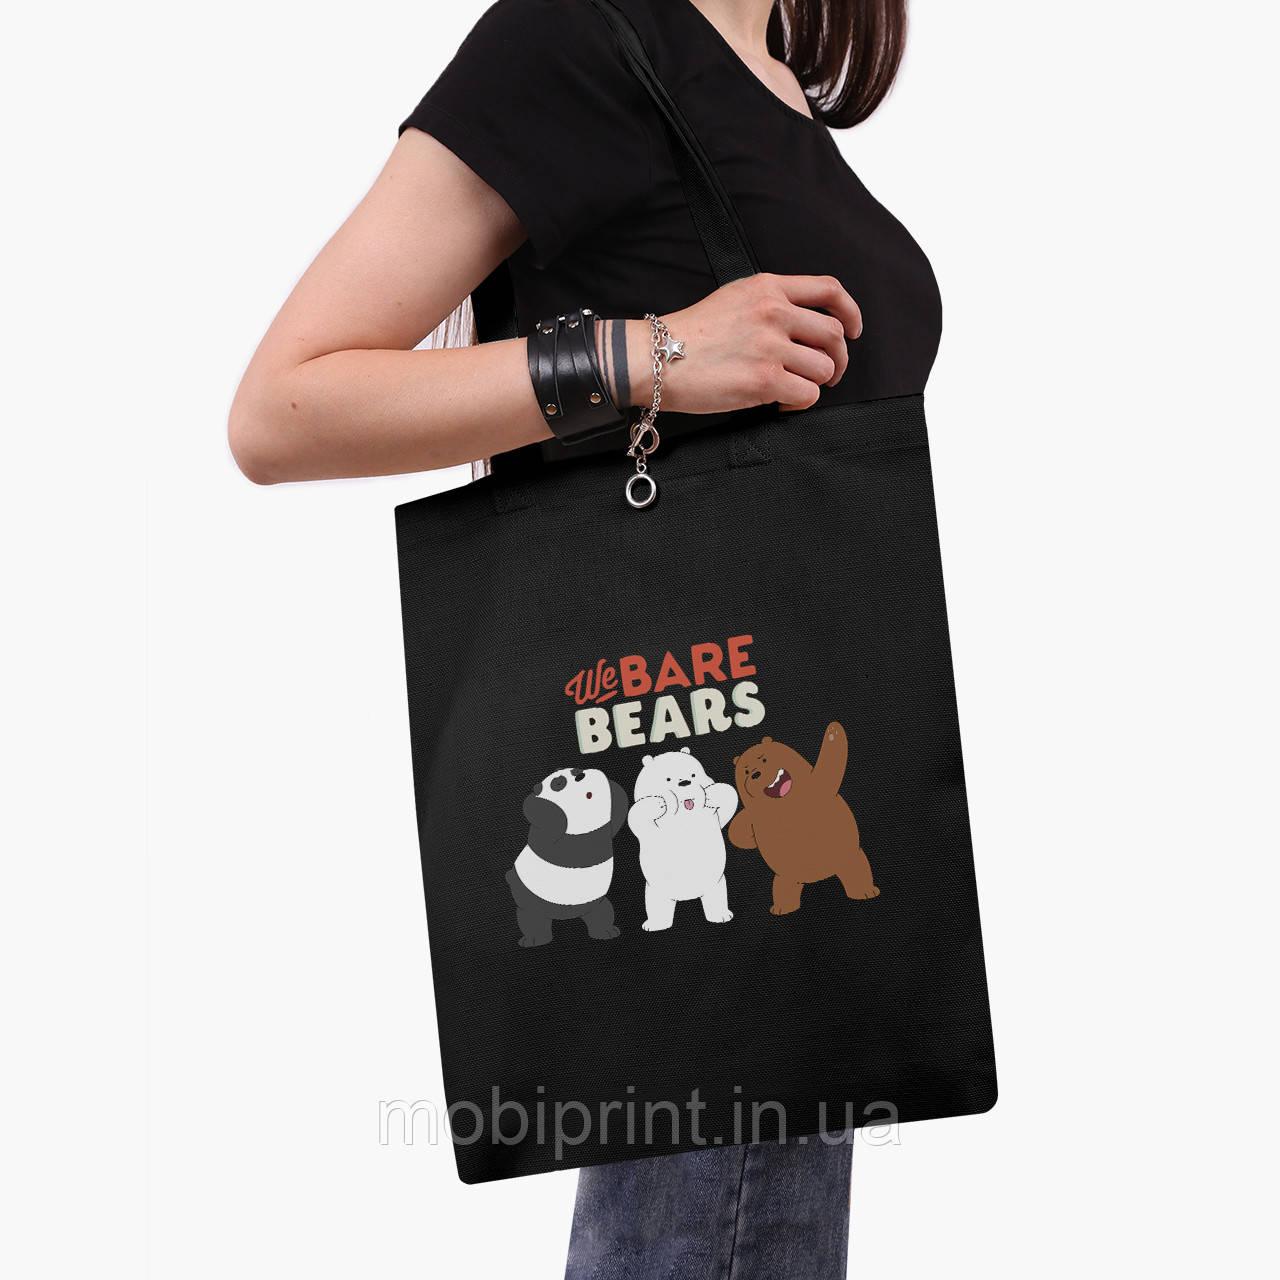 Эко сумка шоппер черная Вся правда о медведях (We Bare Bears) (9227-2667-2)  41*35 см